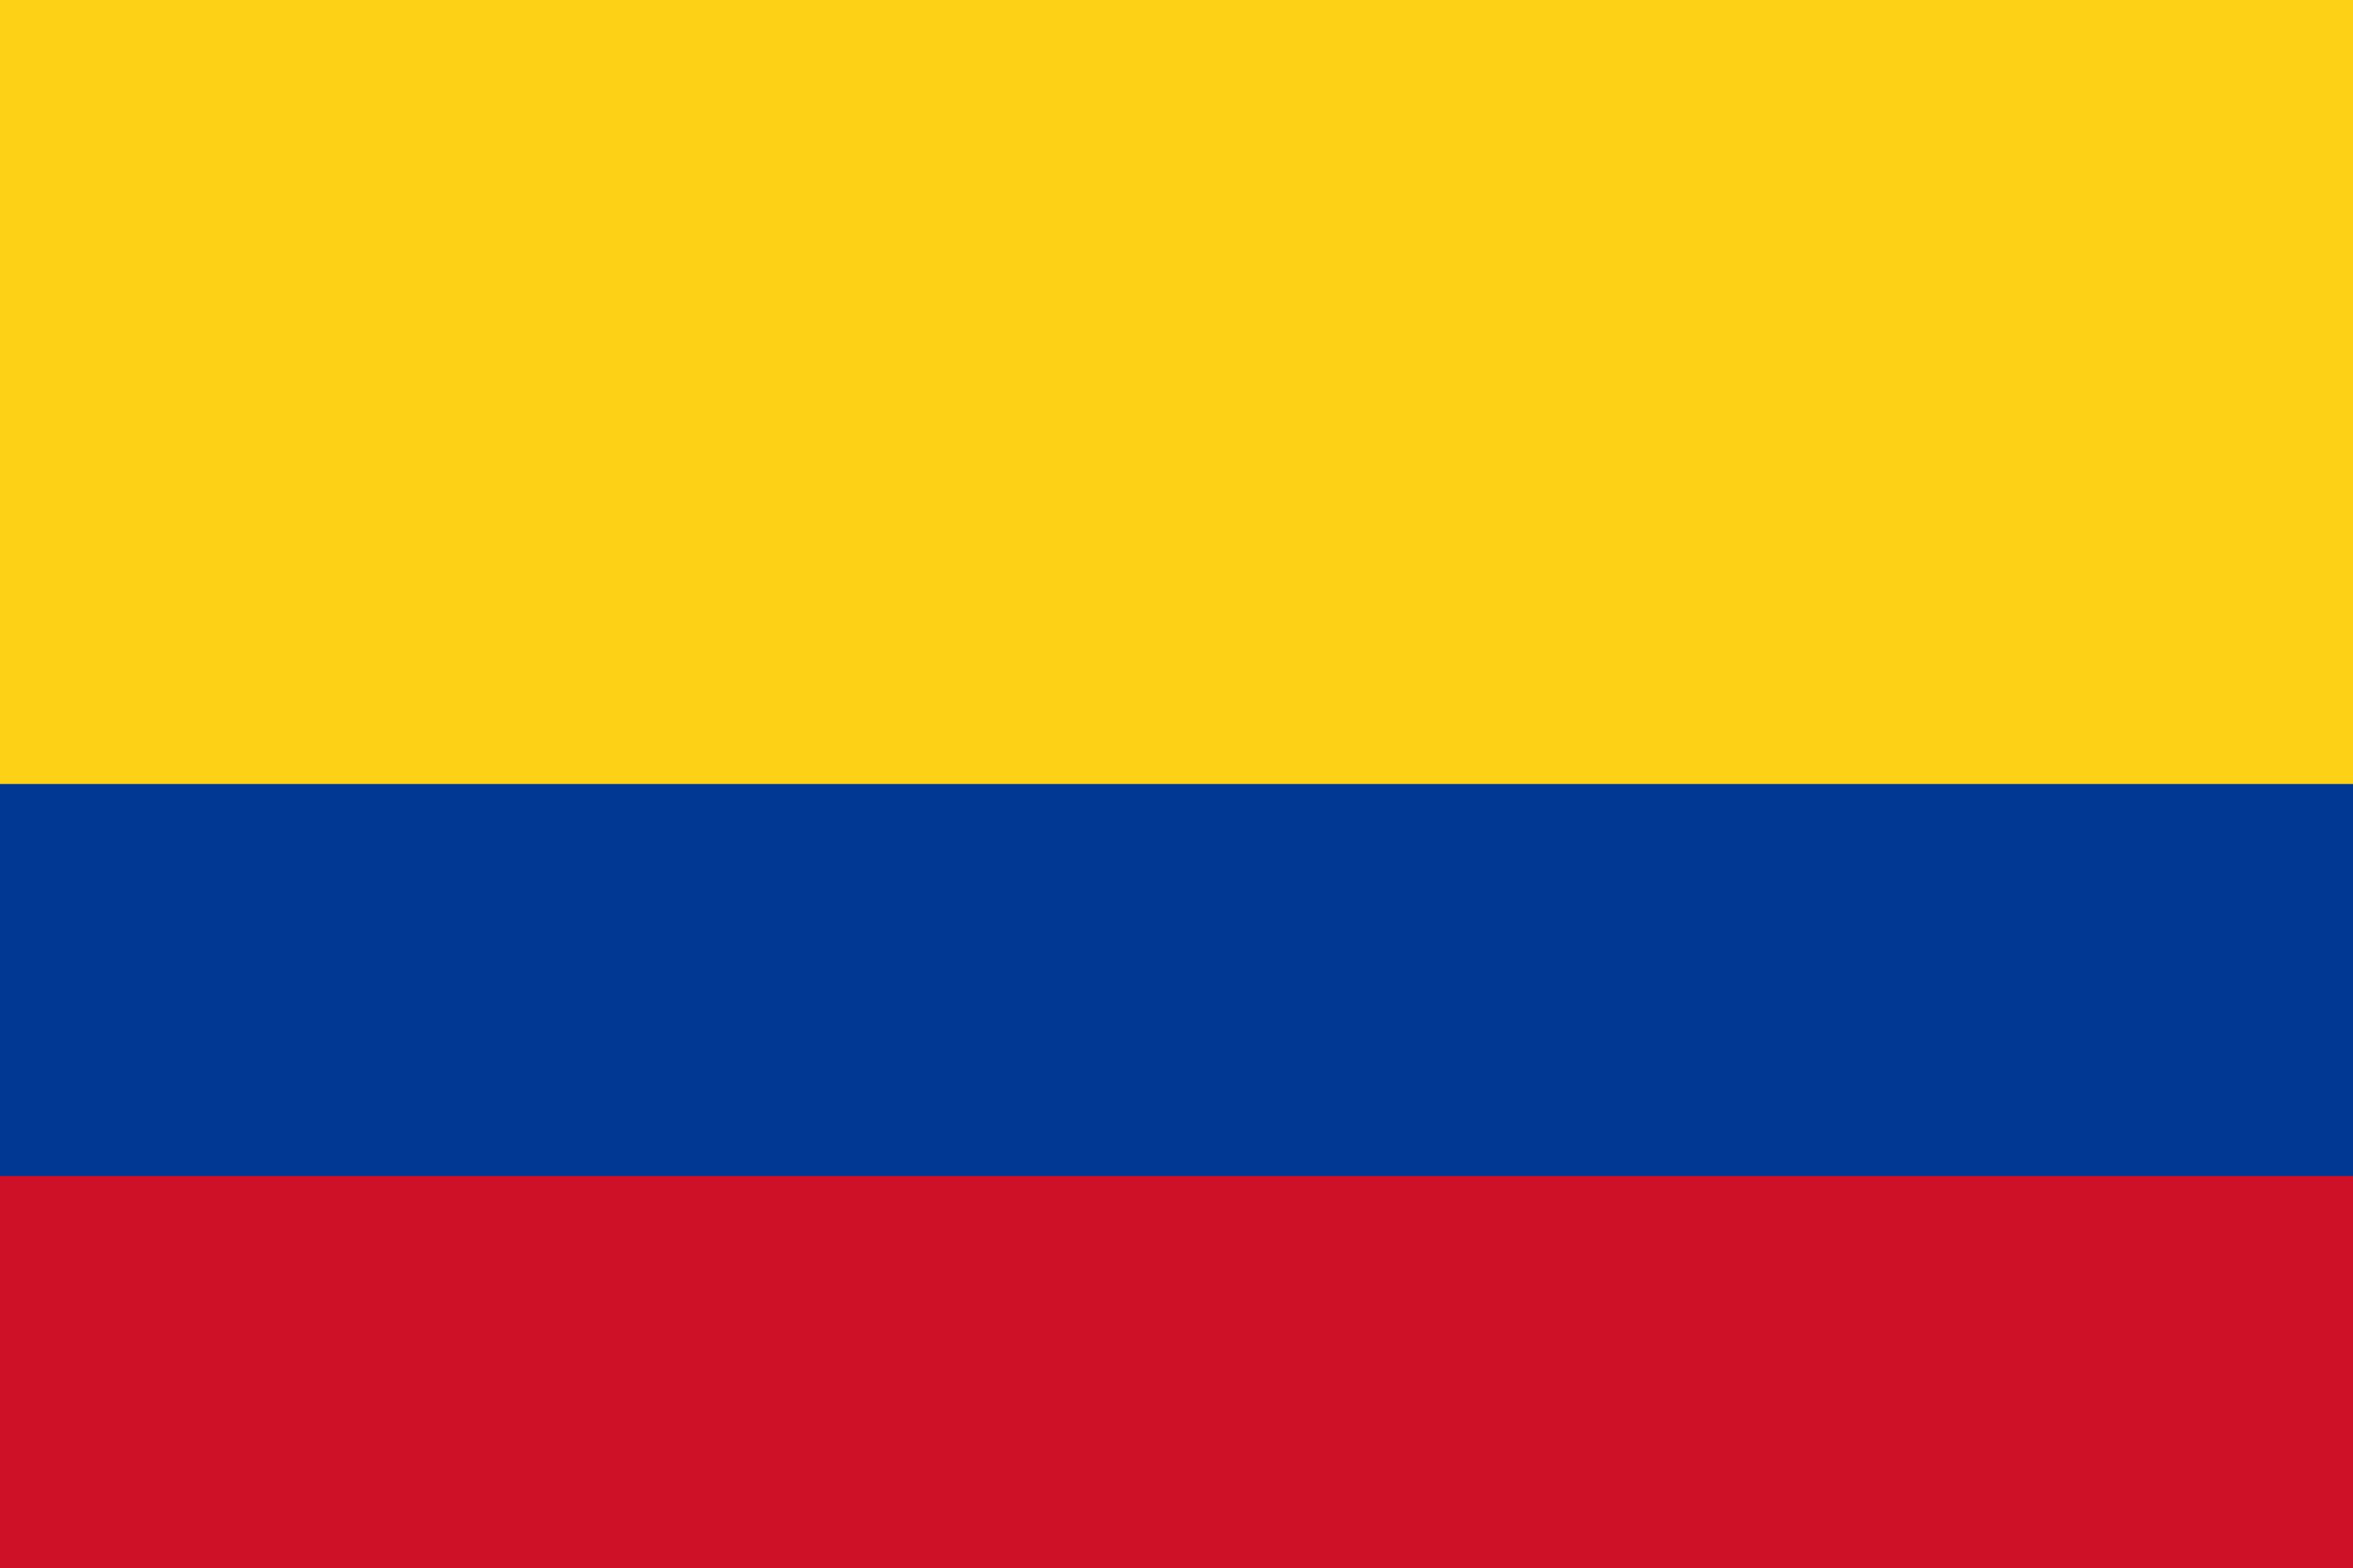 bandeira da colombia - Bandeira da Colômbia